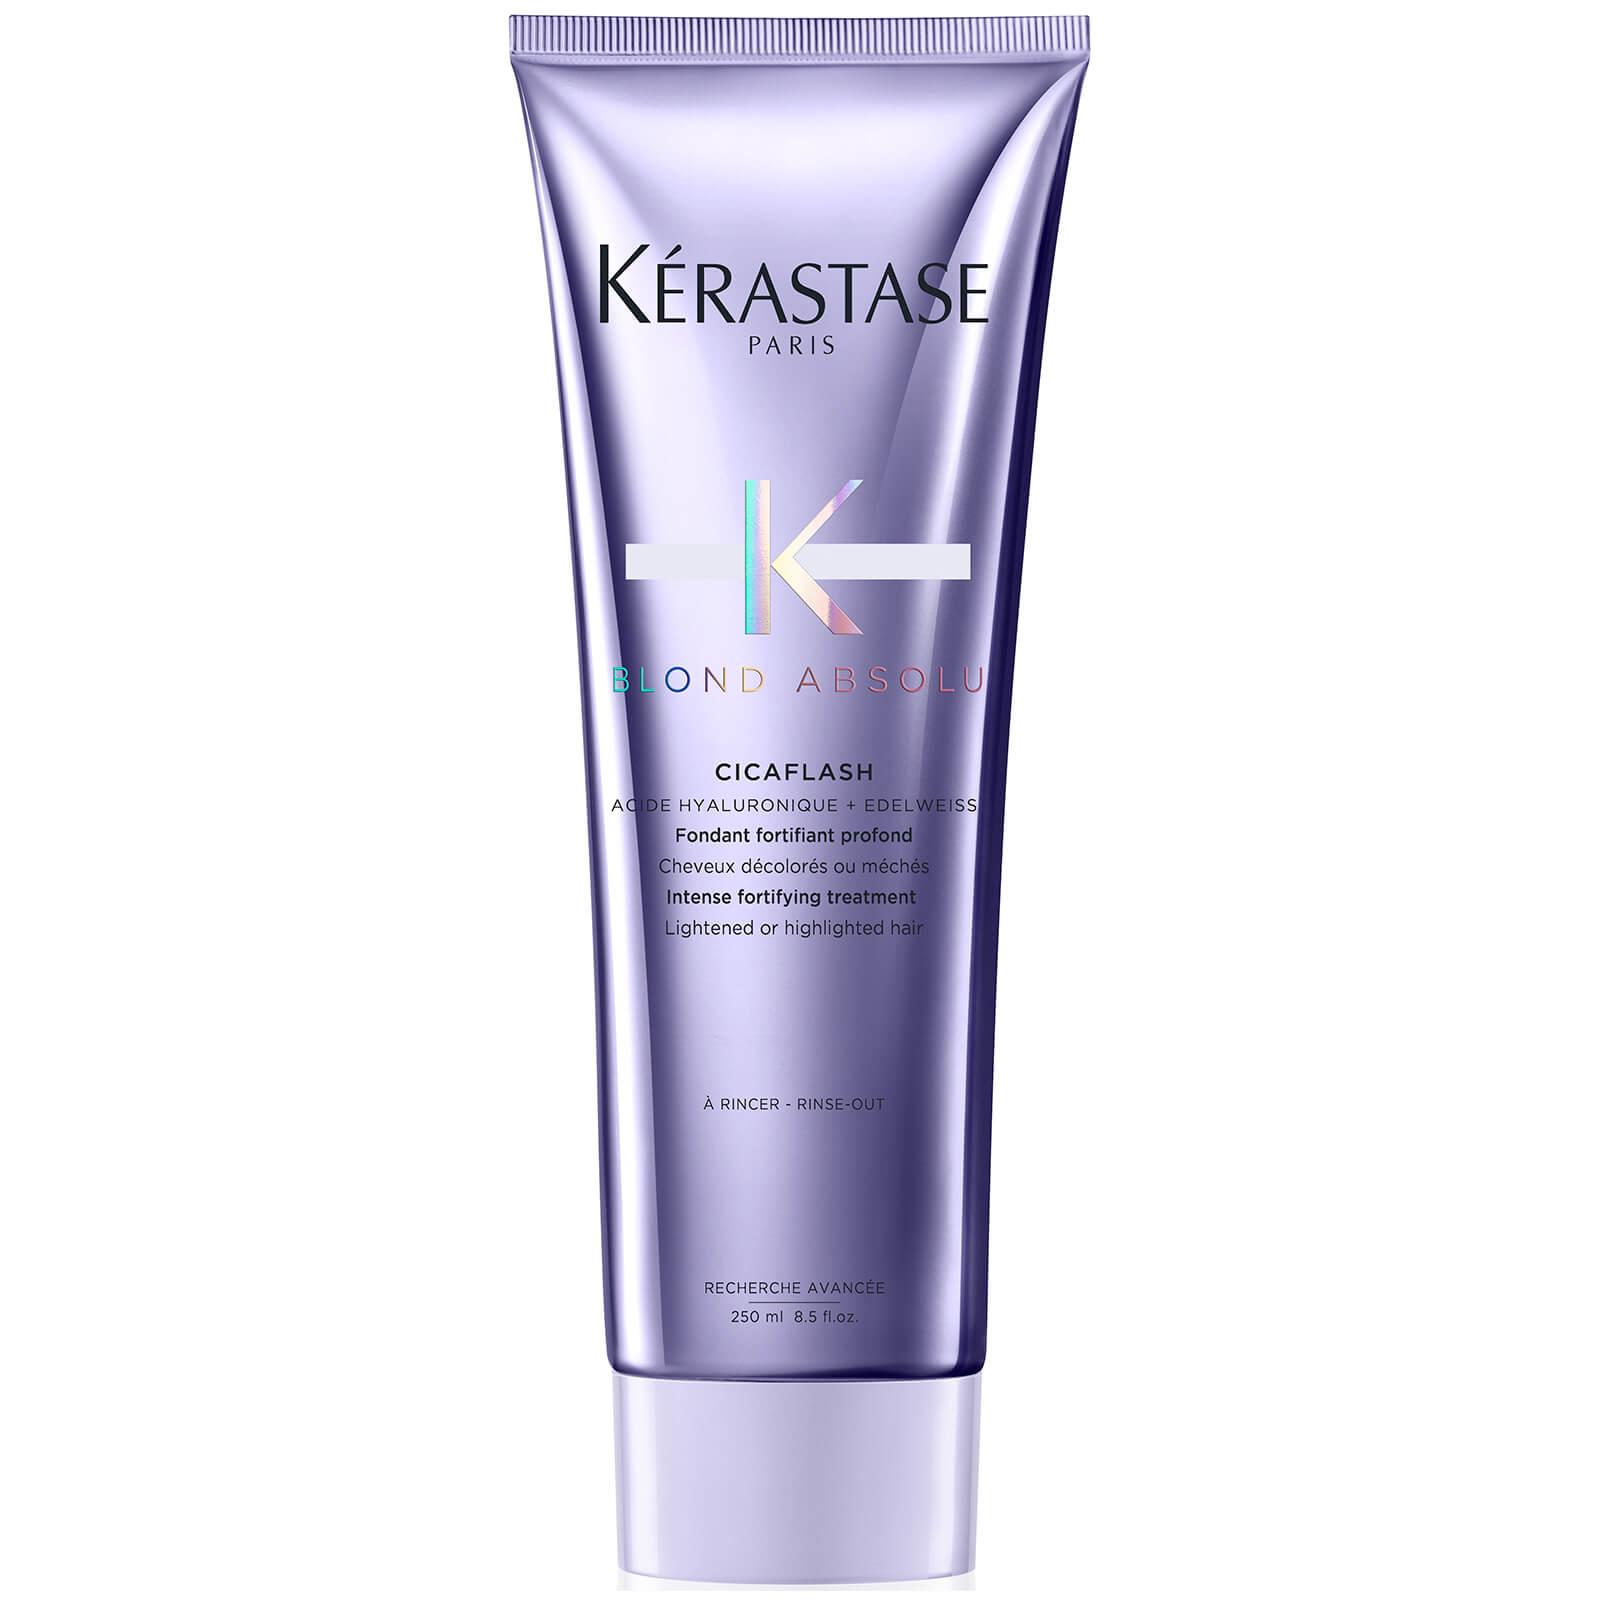 Condicionador Blond Absolu Cicaflash 250ml  Kerastase